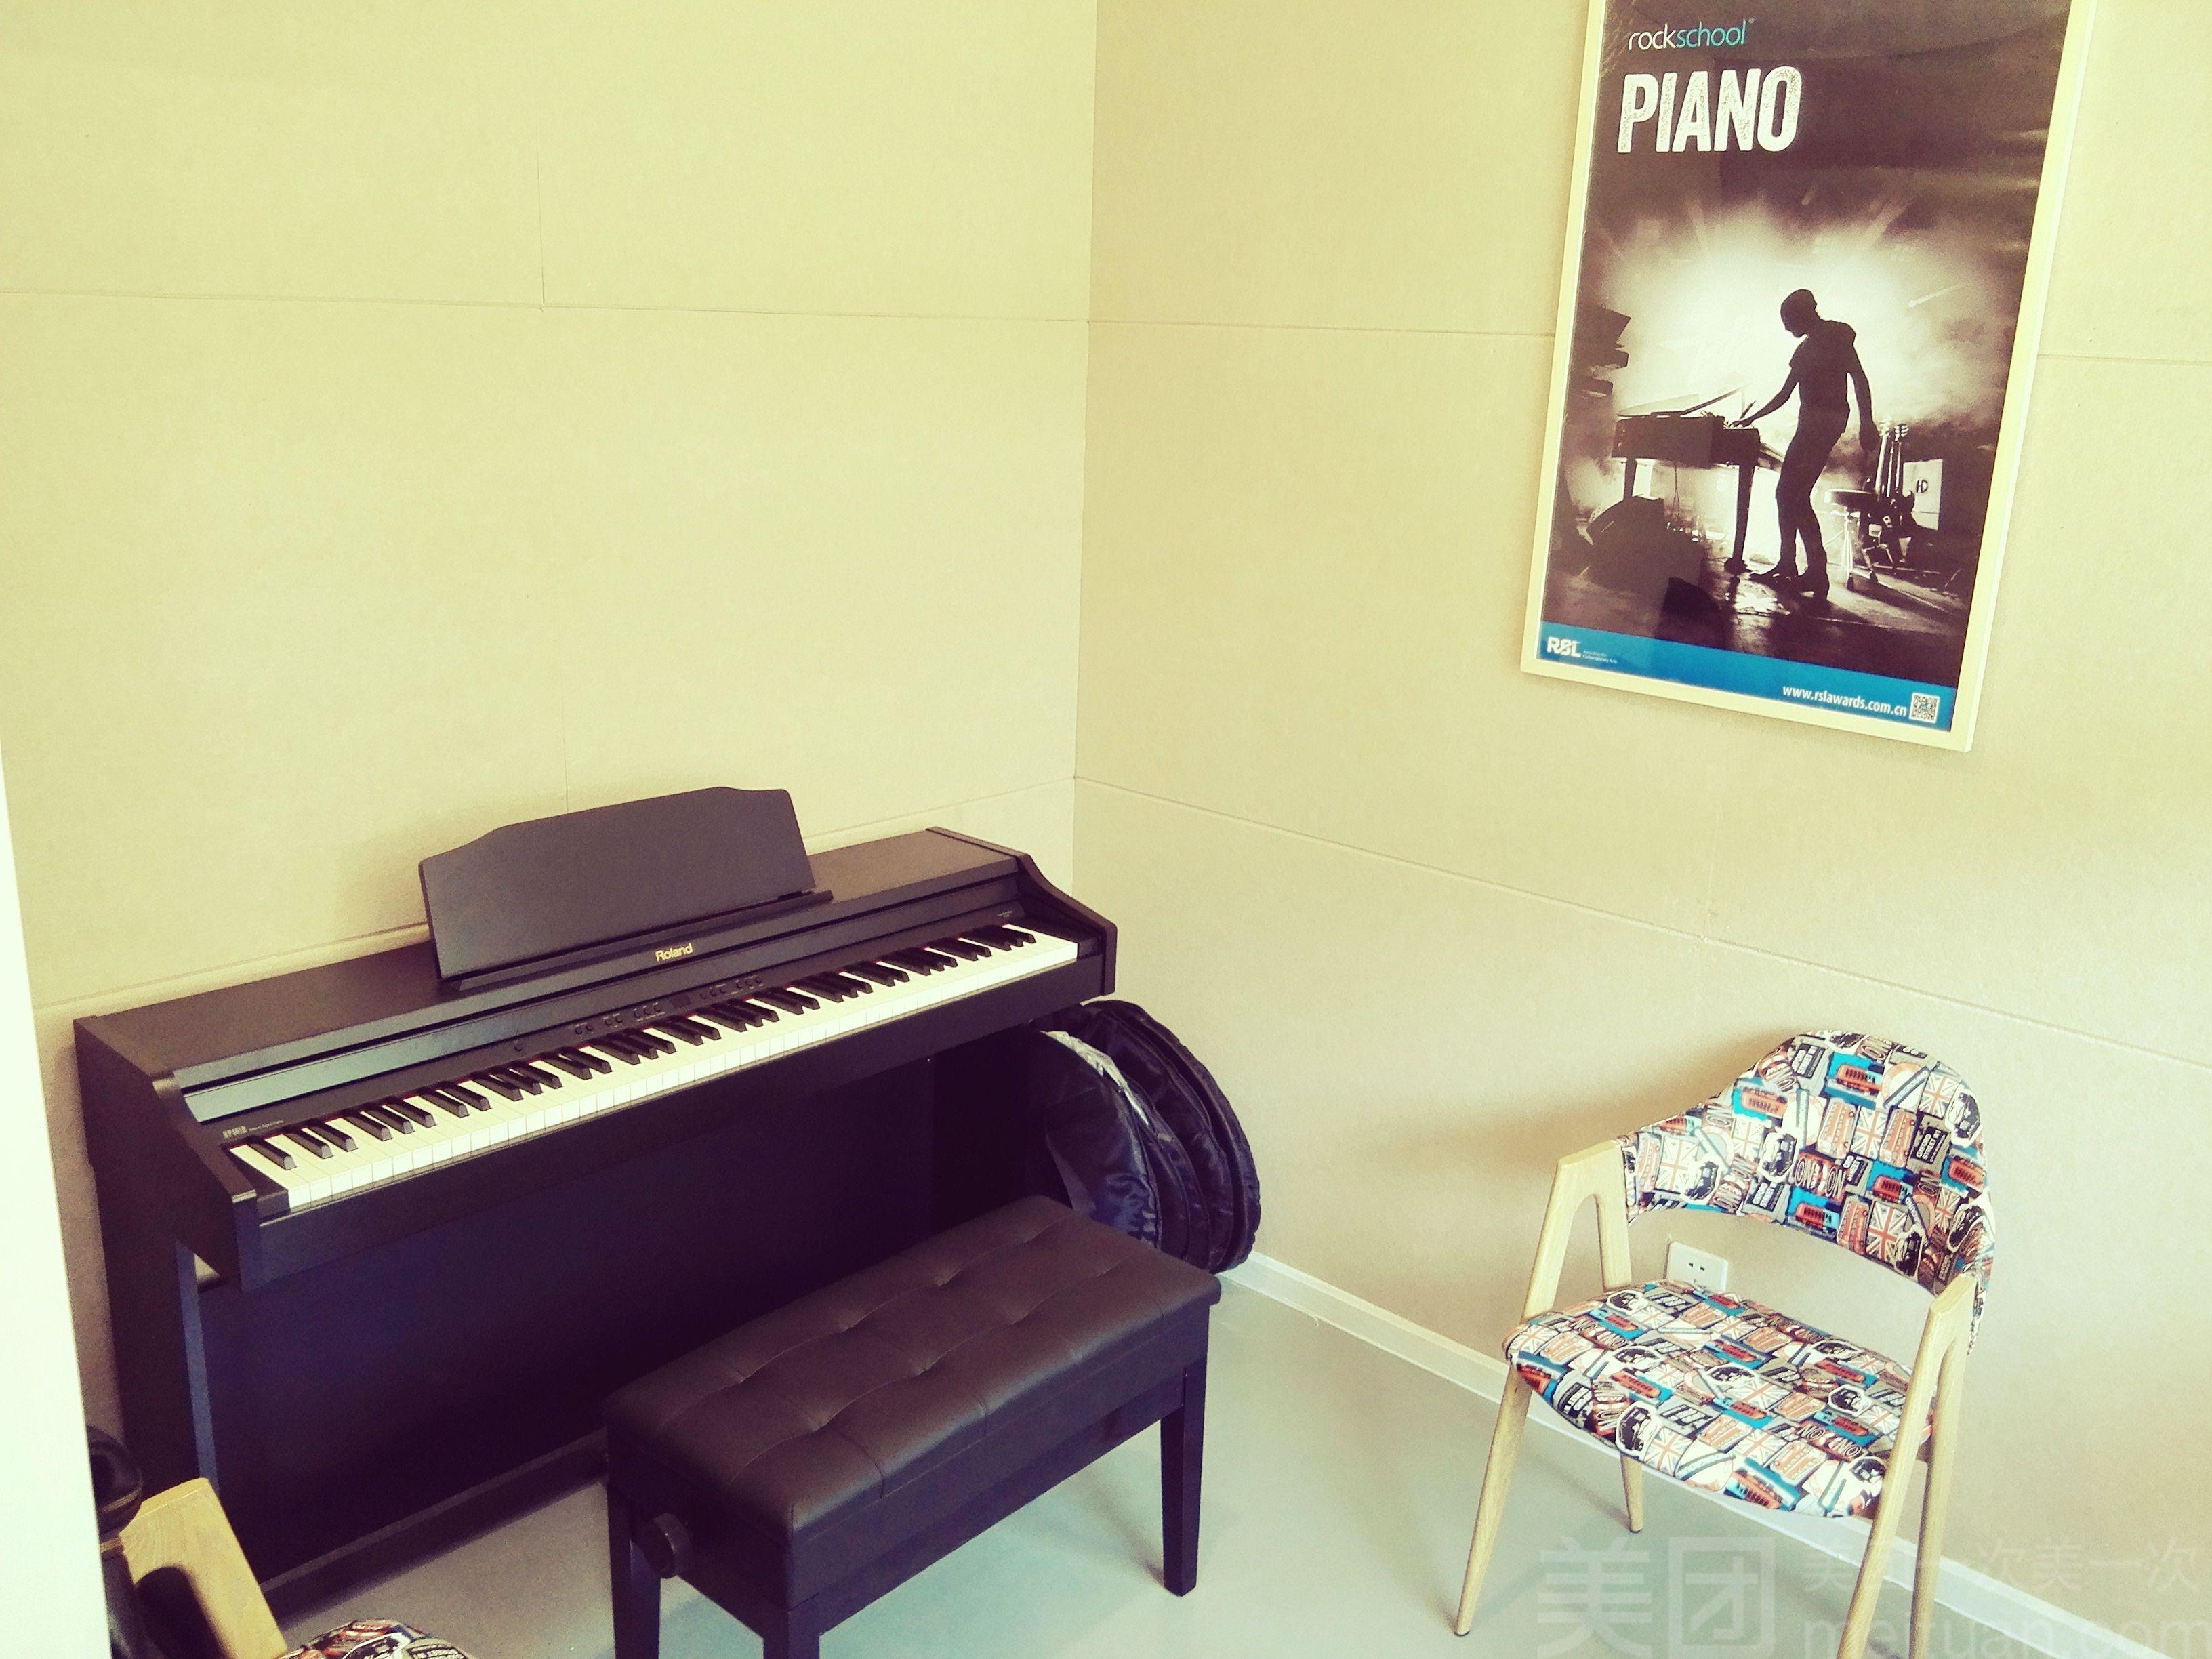 派尔架子鼓教室(流行钢琴课)   购买须知 有效期 2016-09-07至2017-08